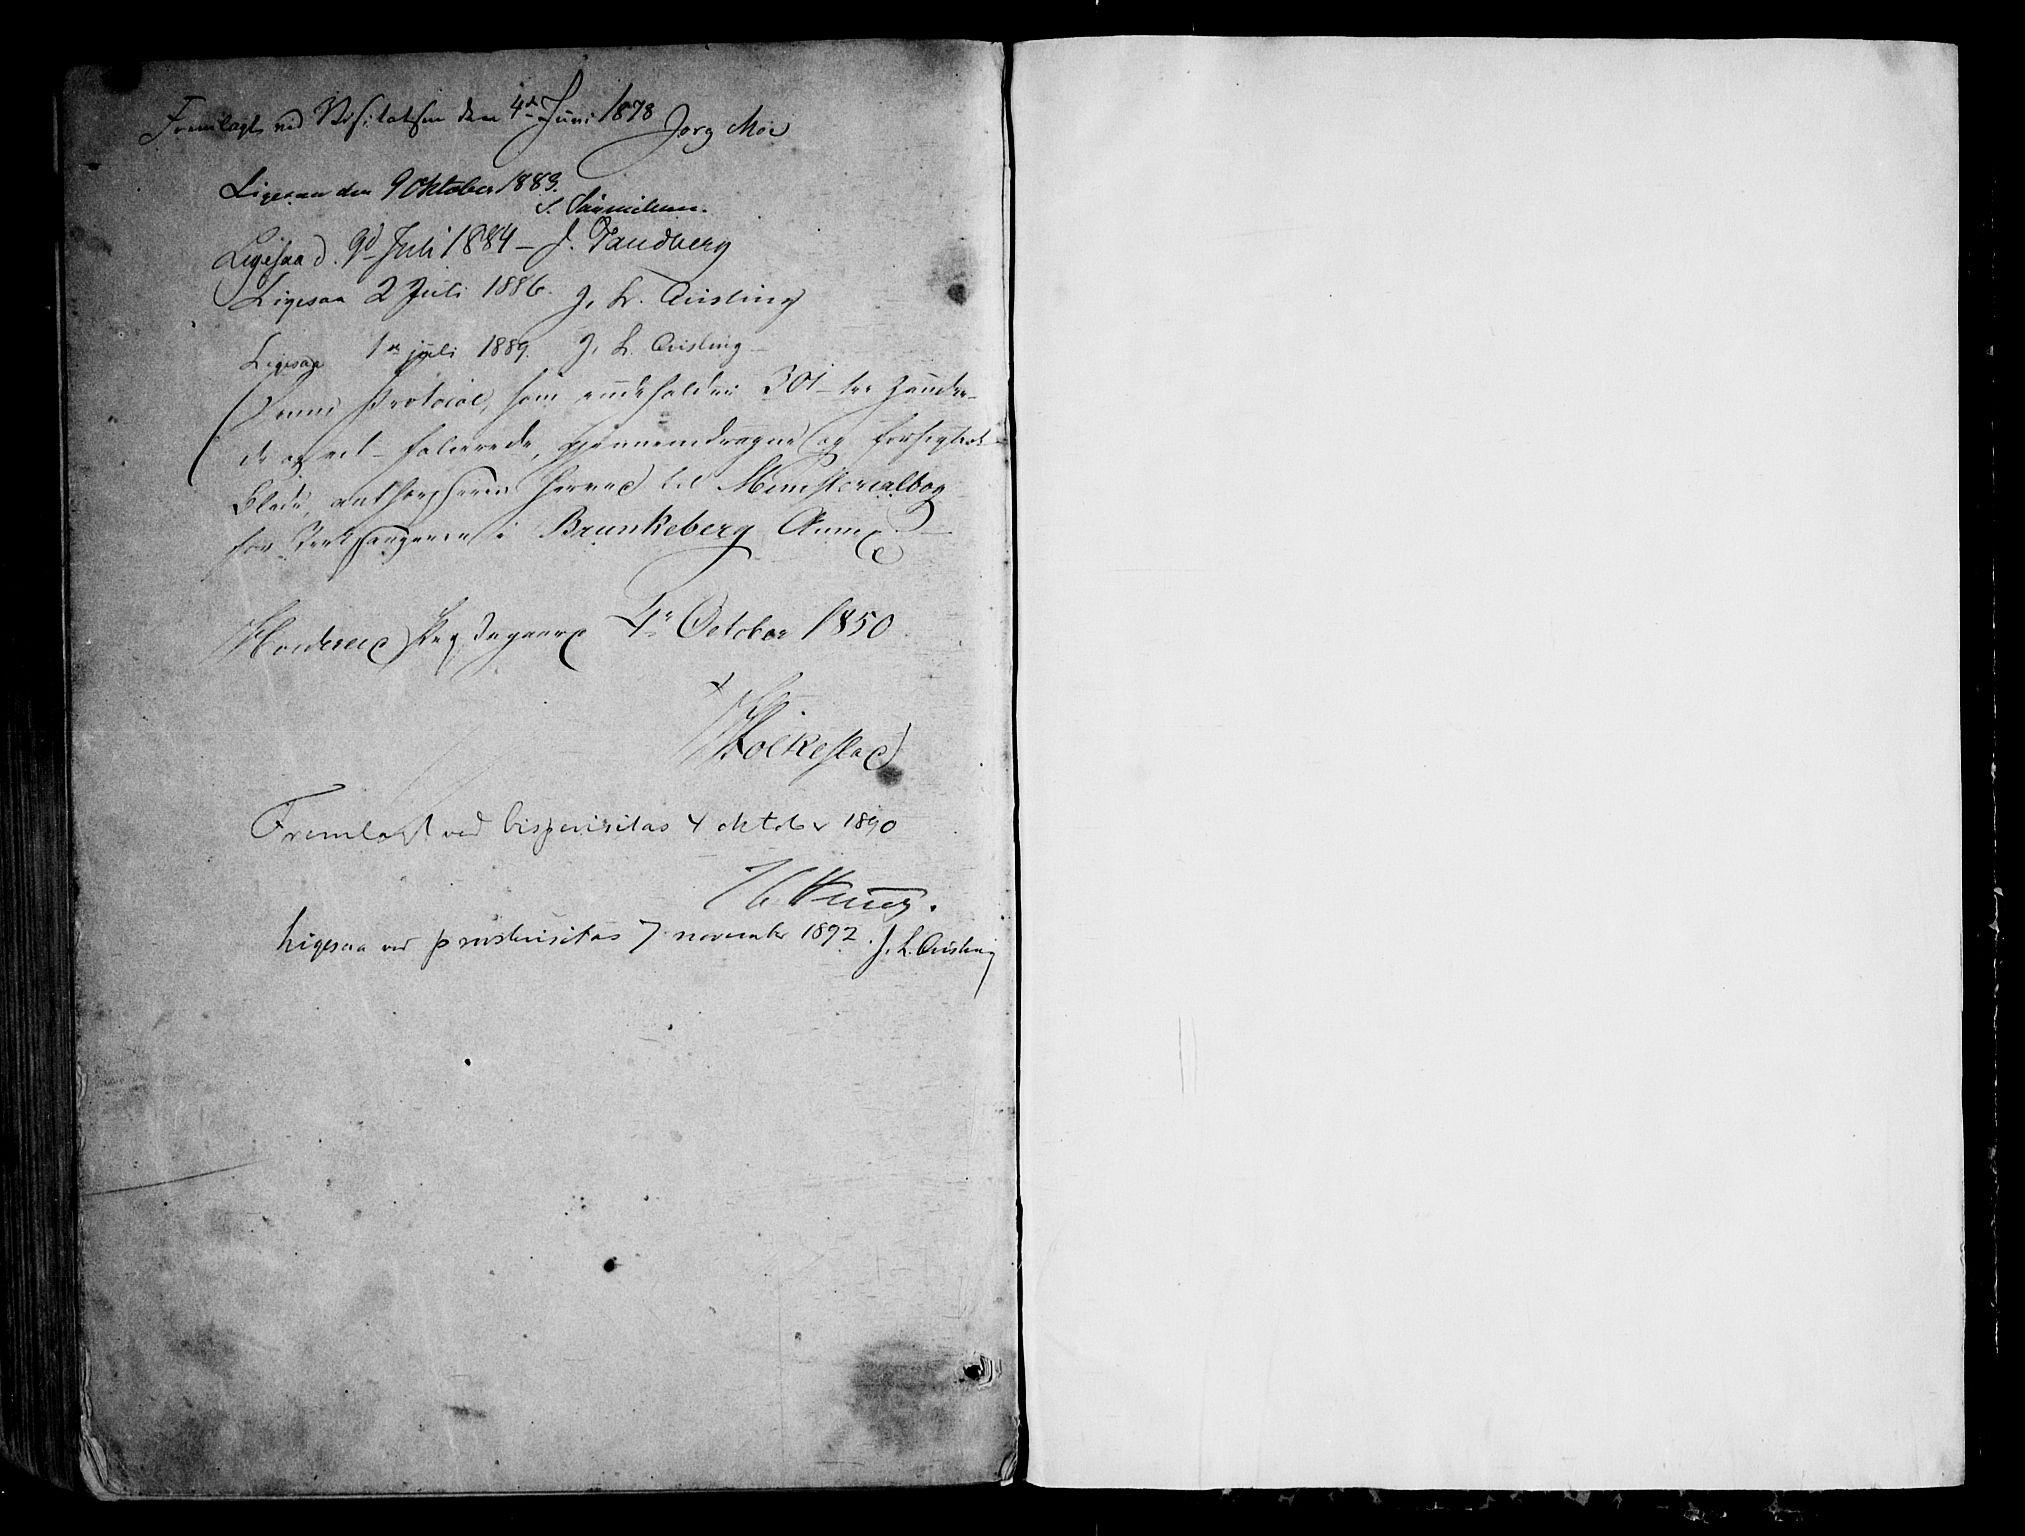 SAKO, Kviteseid kirkebøker, G/Gb/L0002: Klokkerbok nr. II 2, 1850-1892